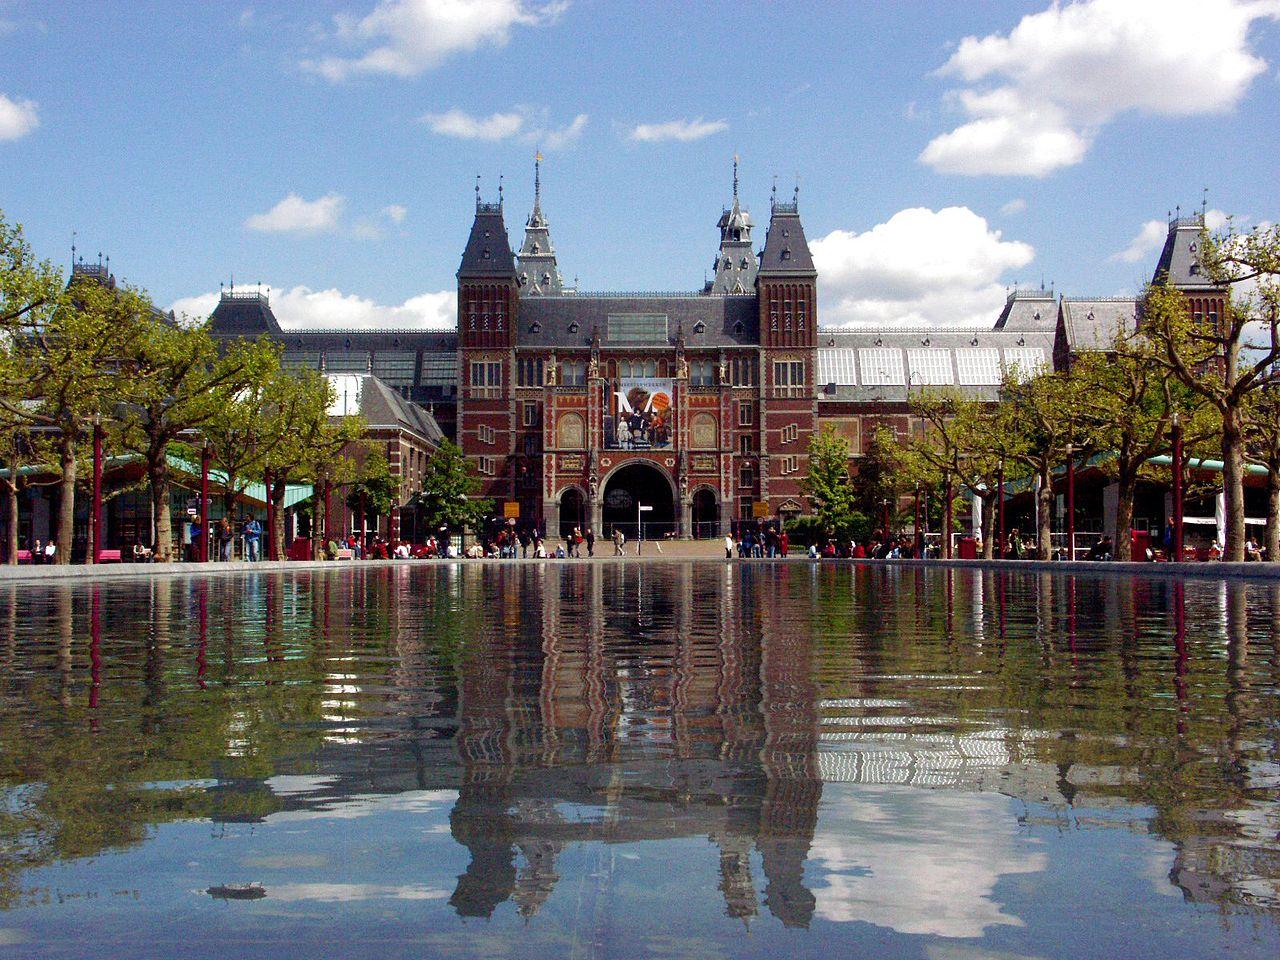 Nederland: stuur het nieuwe kabinet zo snel mogelijk naar het Rijksmuseum!